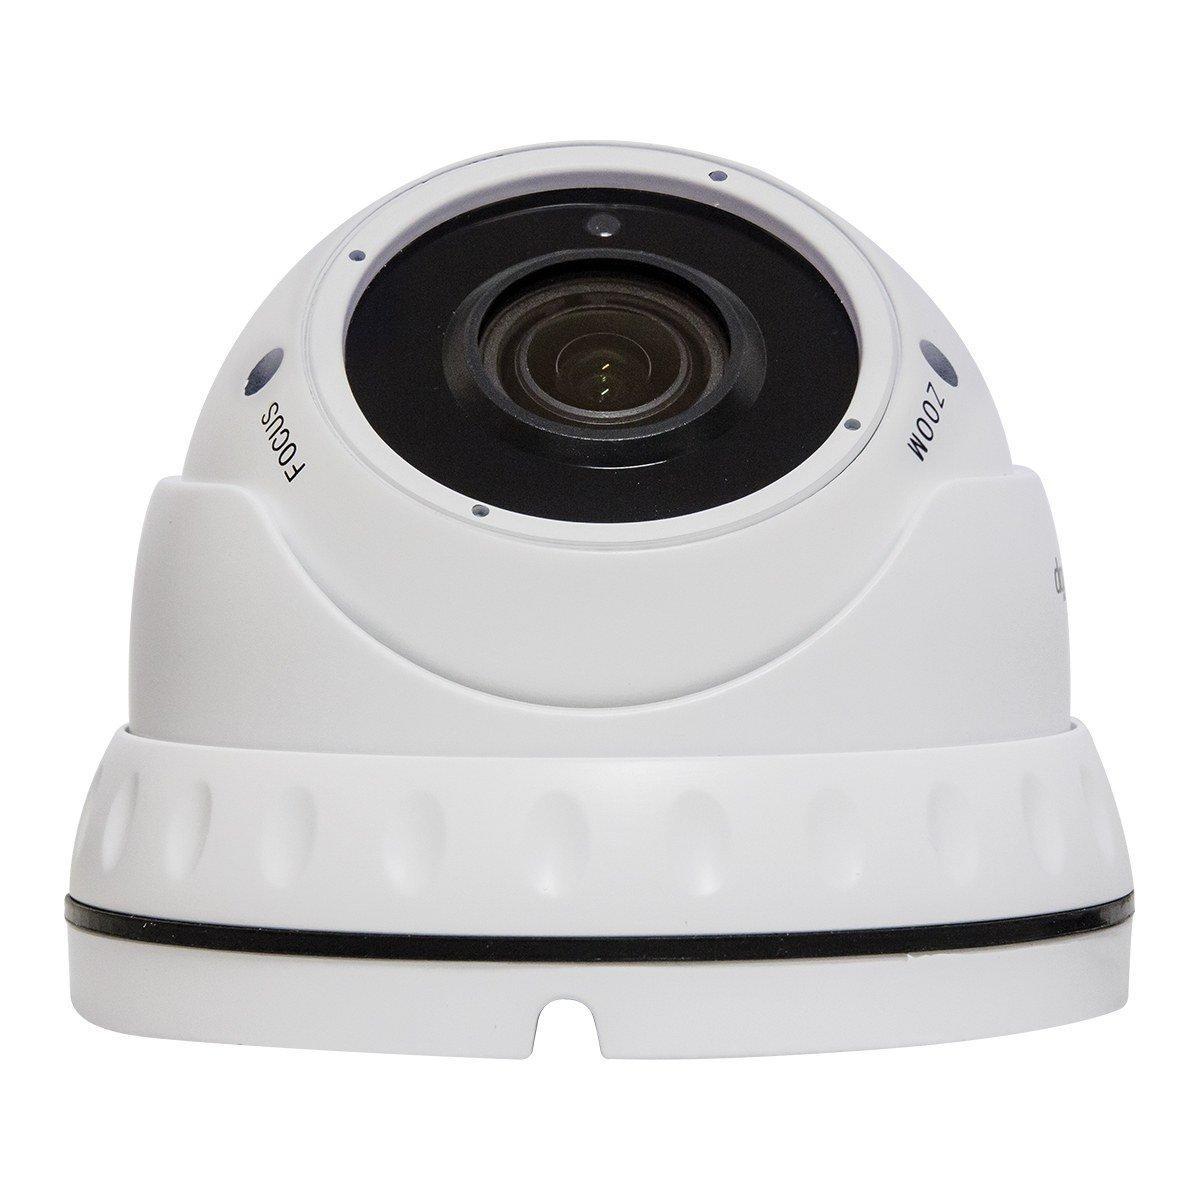 Telecamera IP PoE - 5 Megapixel - Varifocale 2,8-12mm - 24 LED